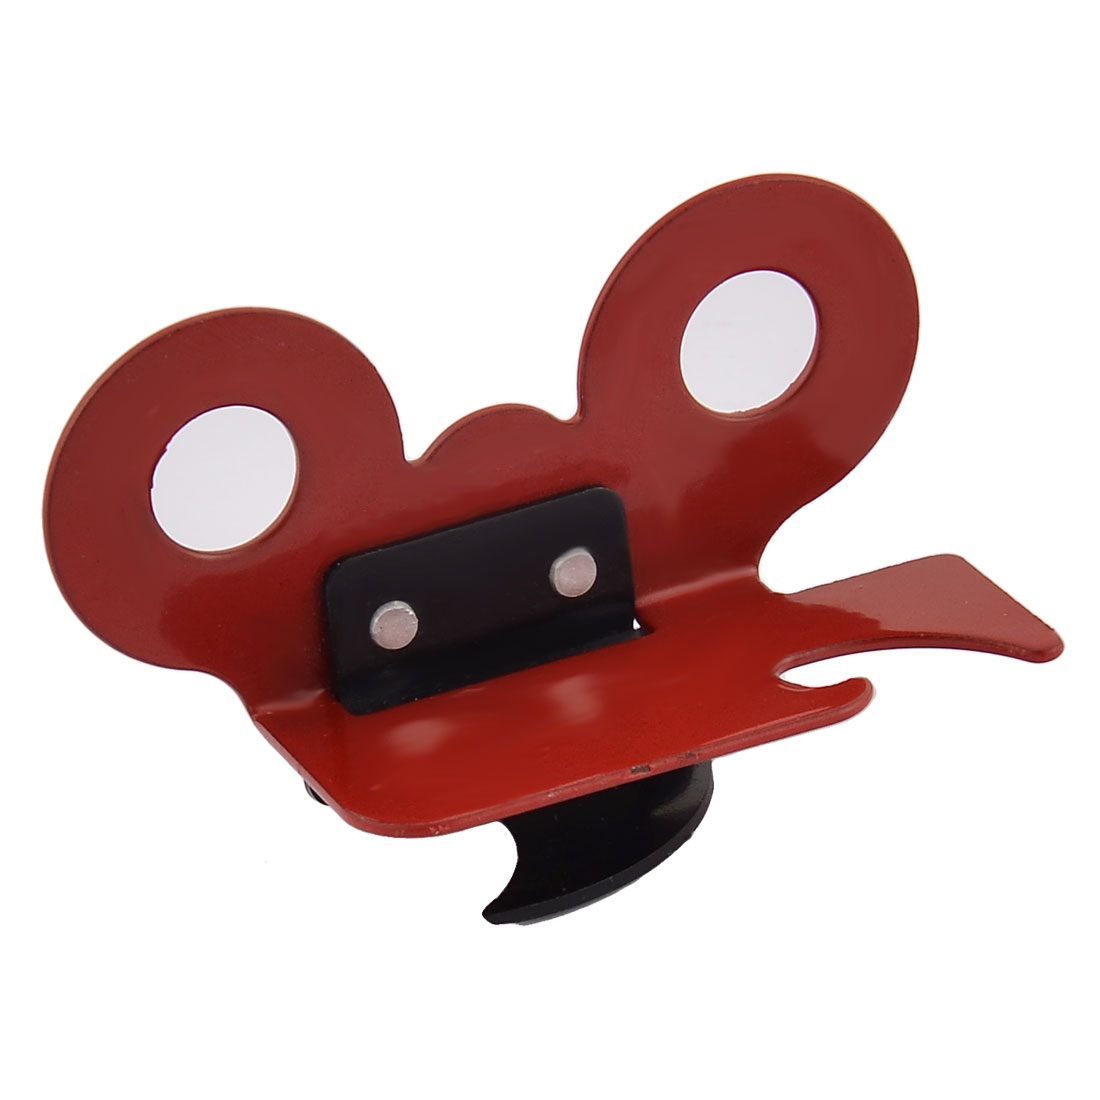 Kitchen Bar Metal Corkscrew Cap Lifter Wine Bottle Handheld Opener Red Black